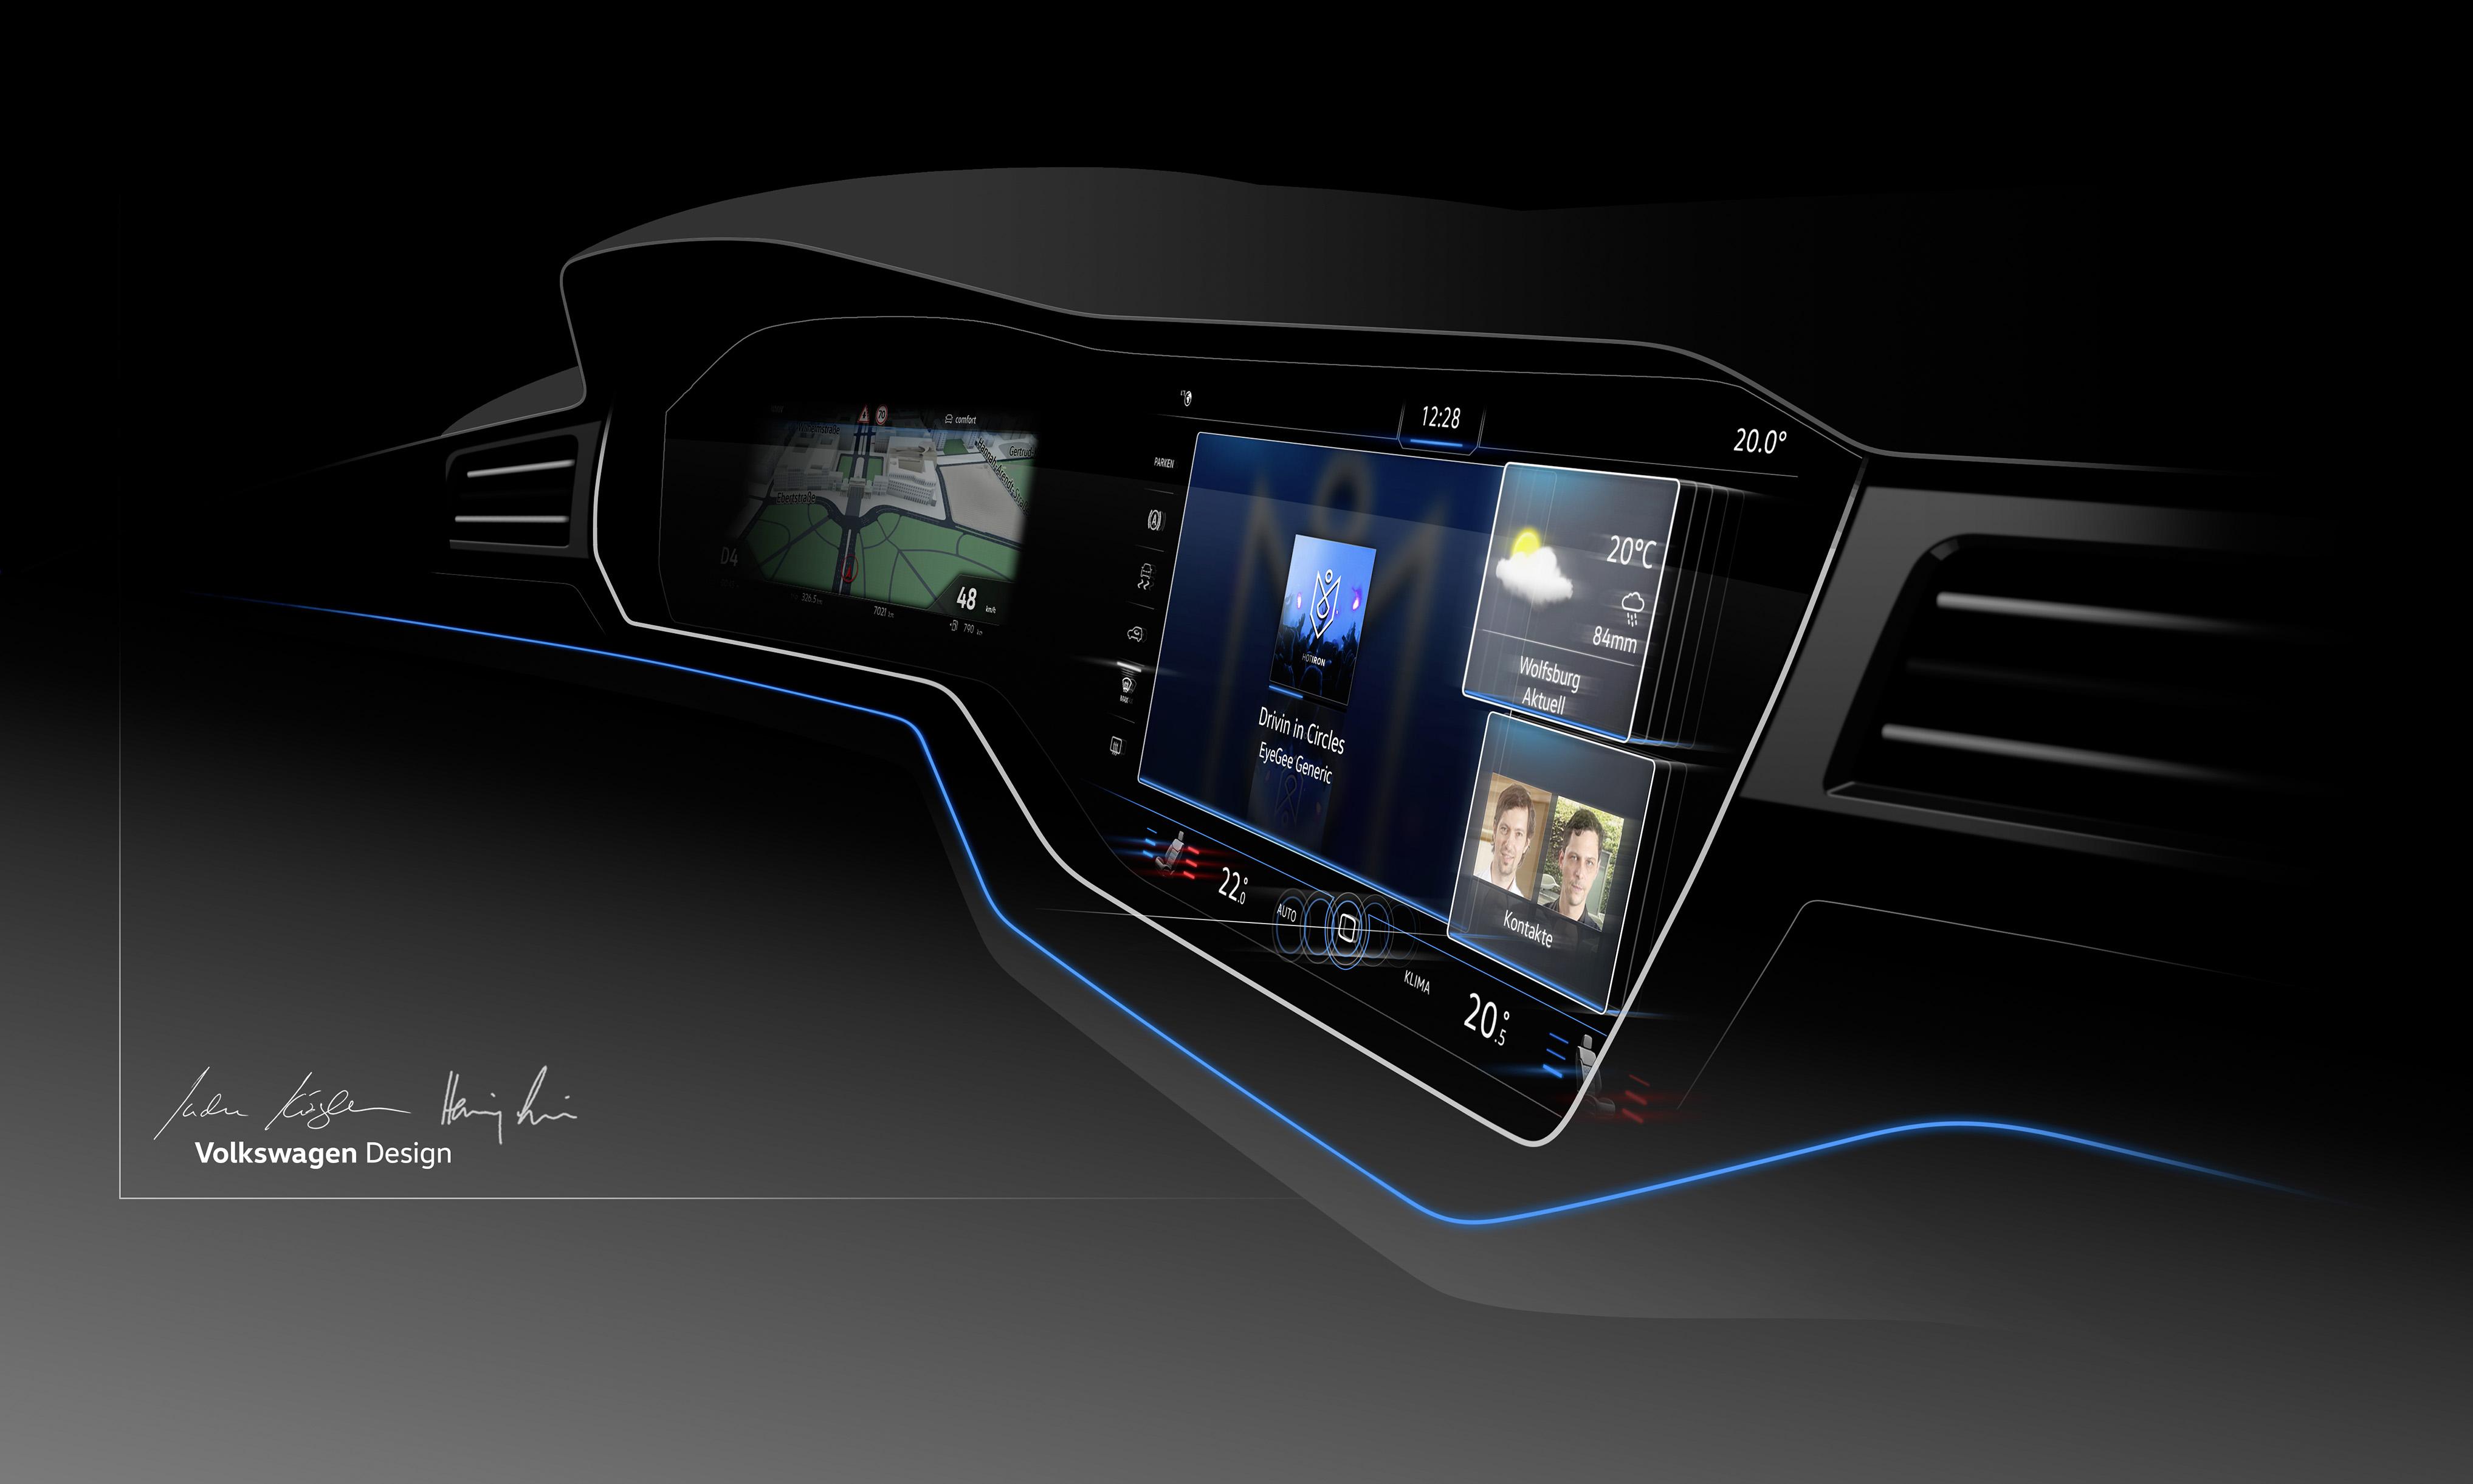 大众进口汽车全新一代途锐数字化驾驶舱Innovision Cockpit 试想,有朝一日你将驾驶一辆来自未来的汽车驰骋于征途:在驾驶舱内,智能系统的数字化大屏幕上集成了各种神秘按键,手指轻轻滑动间,整个驾驶舱就已轻松掌控;智能大灯的明亮光束探向前方,它不断扫描识别外界场景并自动调整光照亮度和照射范围,驾驶舱外景象一览无余;闪转腾挪间,红外摄像功能探测到路边的人或动物,并即刻反馈驾驶员,任何意外都被控制在发生之前;身躯庞大,却身手矫捷,四轮同时转向让速度和平稳无须作任何妥协;前方路况千变,无论崎岖还是坦途